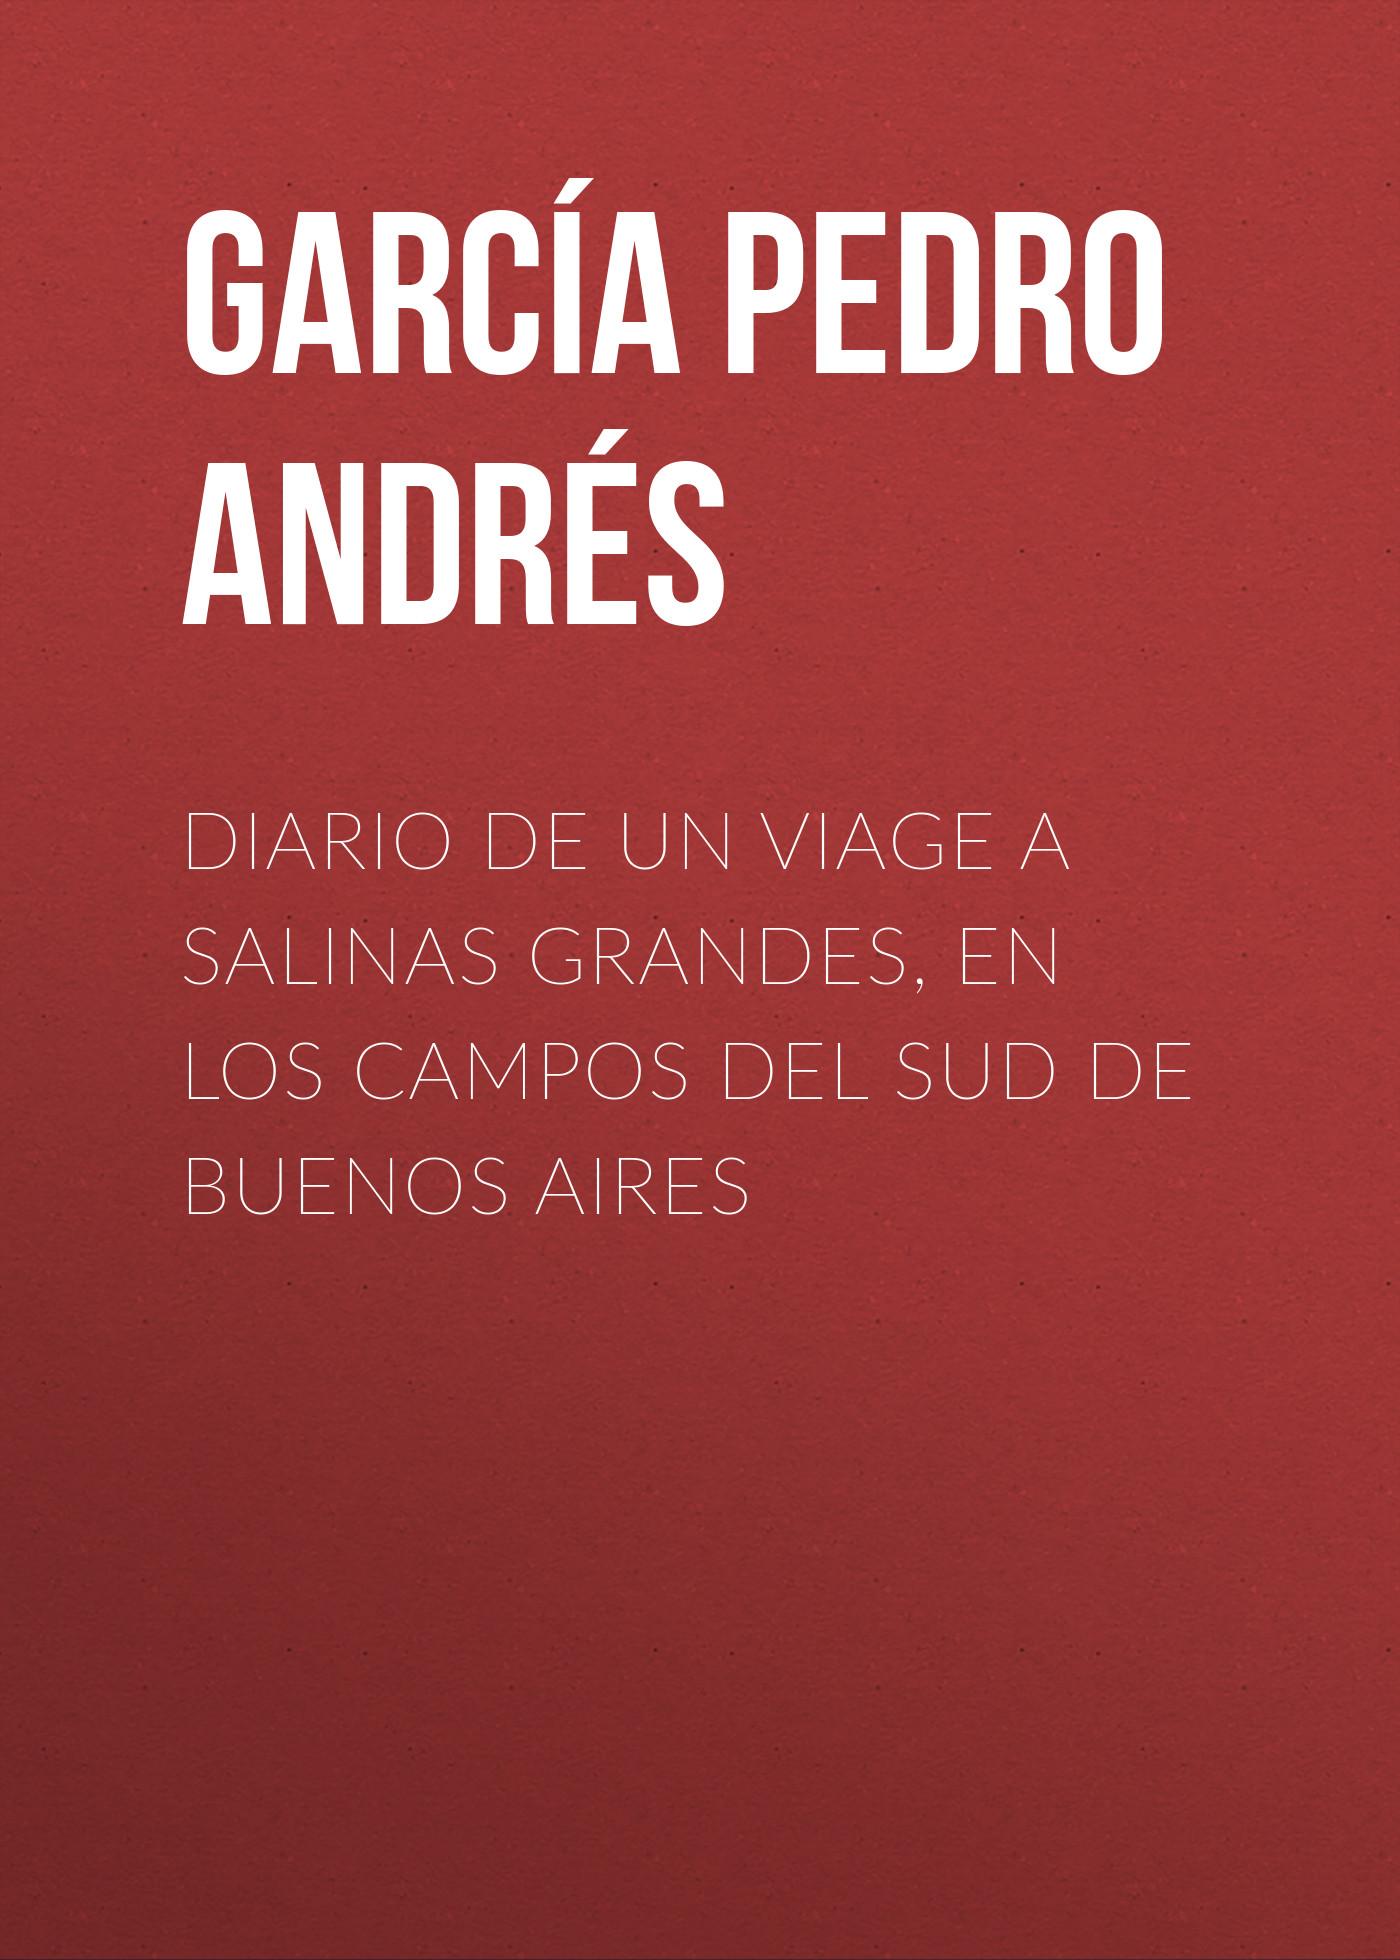 лучшая цена García Pedro Andrés Diario de un viage a Salinas Grandes, en los campos del sud de Buenos Aires